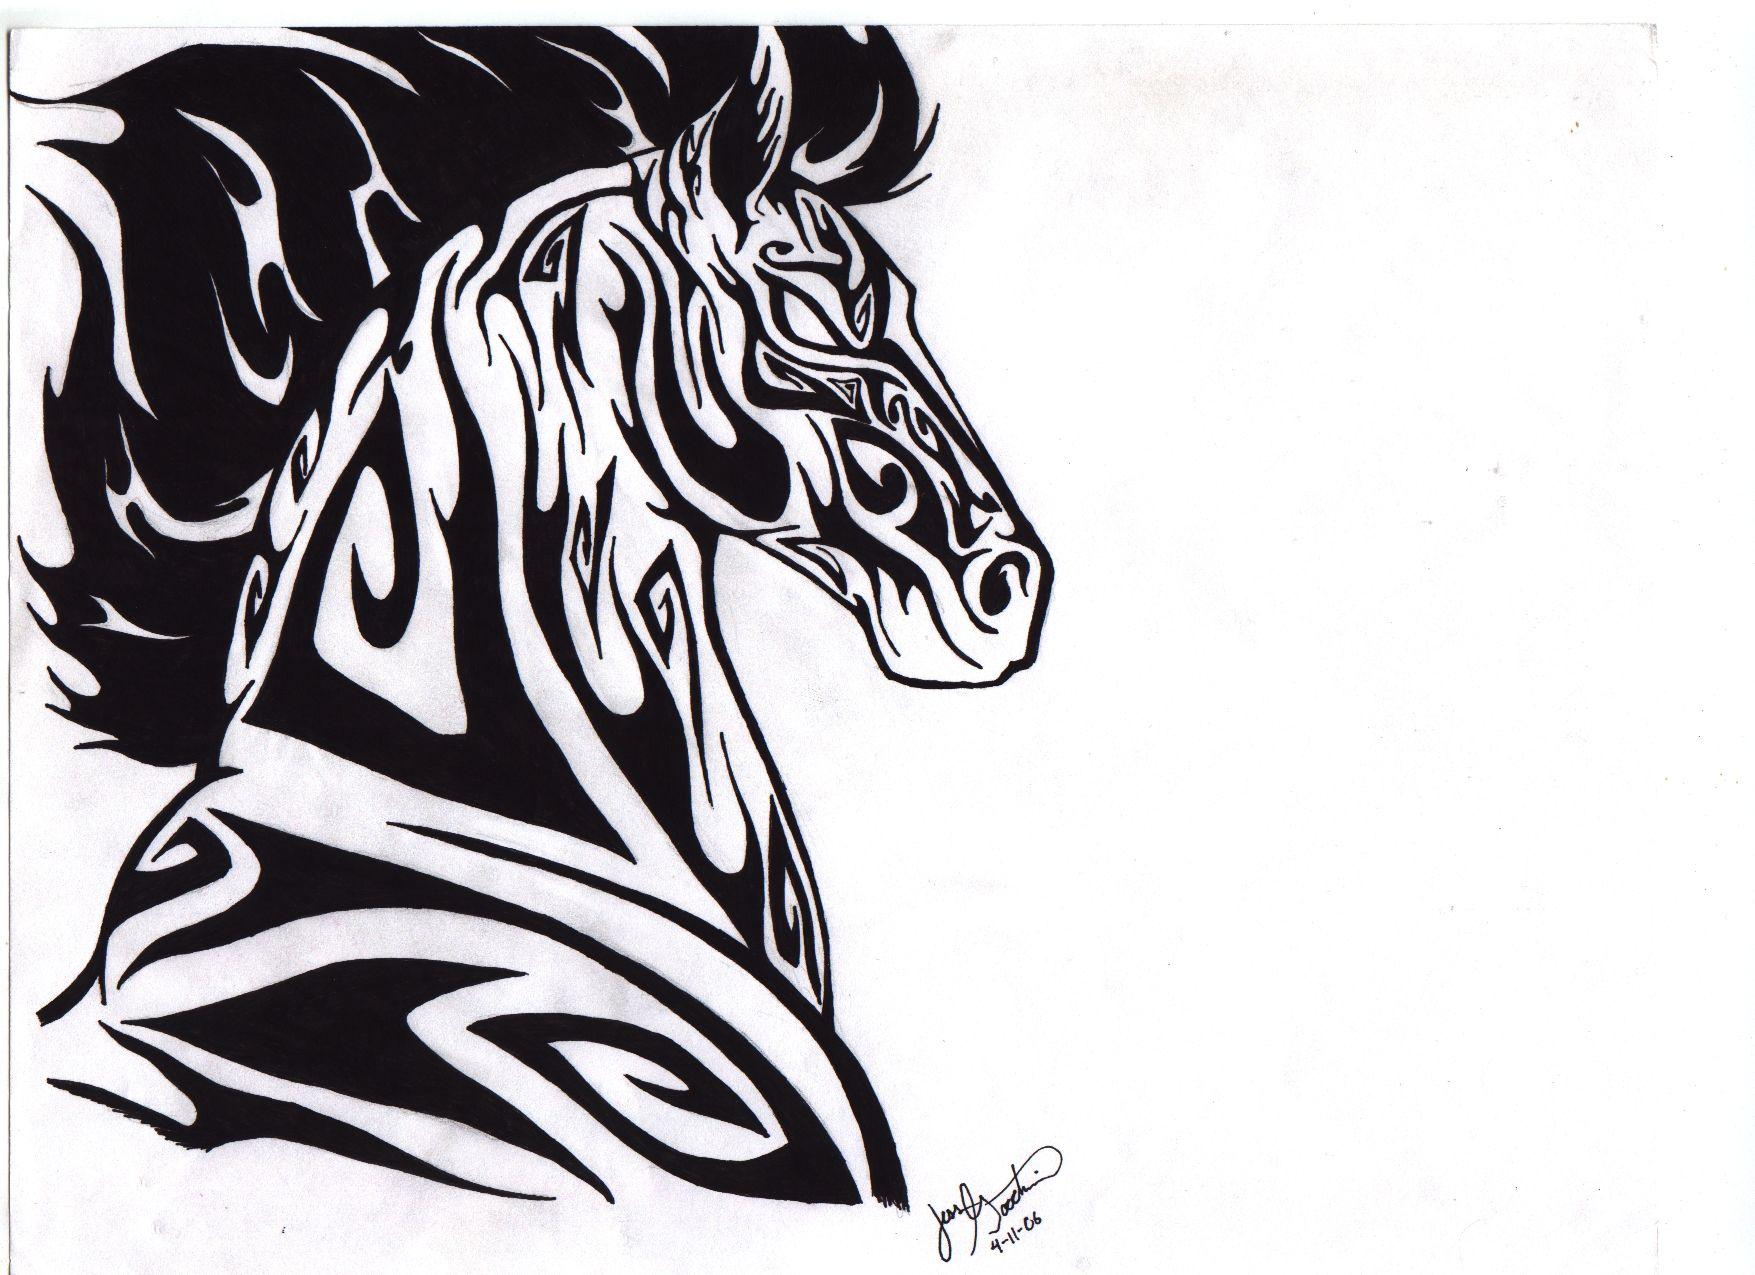 Tribal Horse by darkmoonwolf21.deviantart.com on @DeviantArt